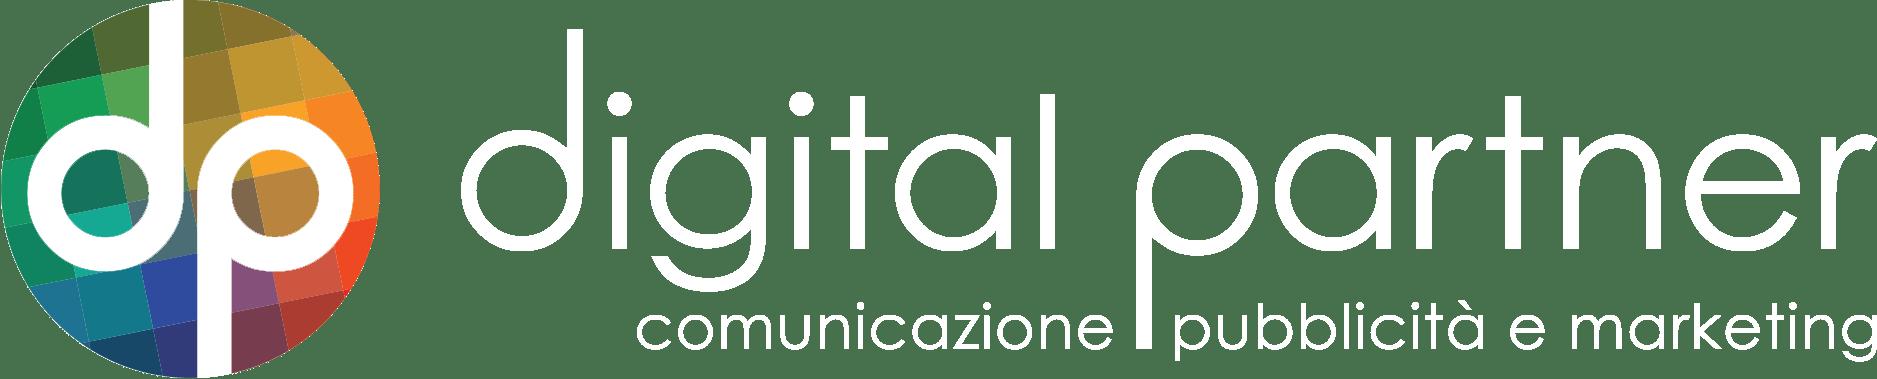 ottimizzazione SEO, web agency Brescia